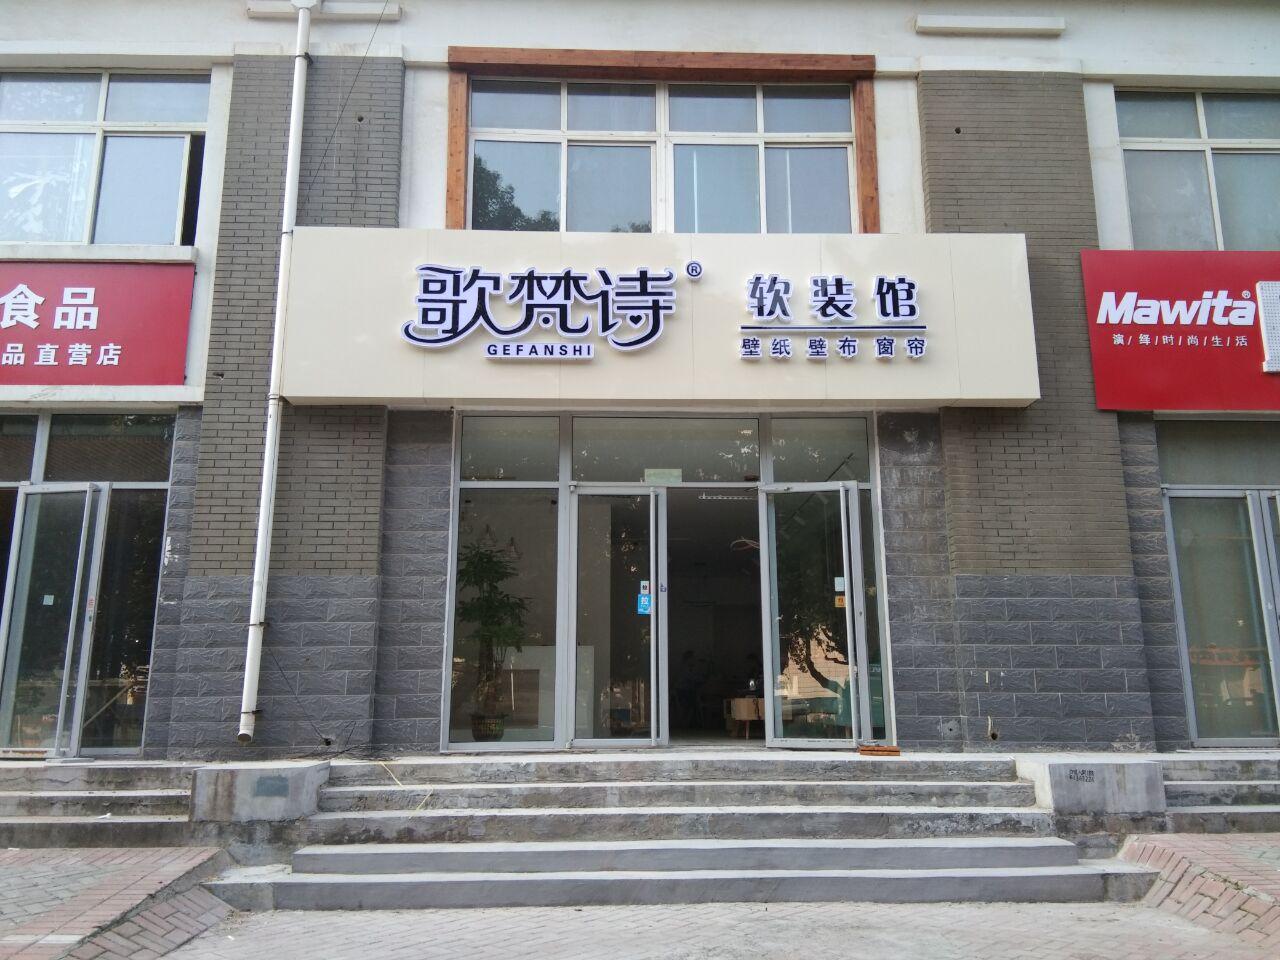 歌梵诗软装馆